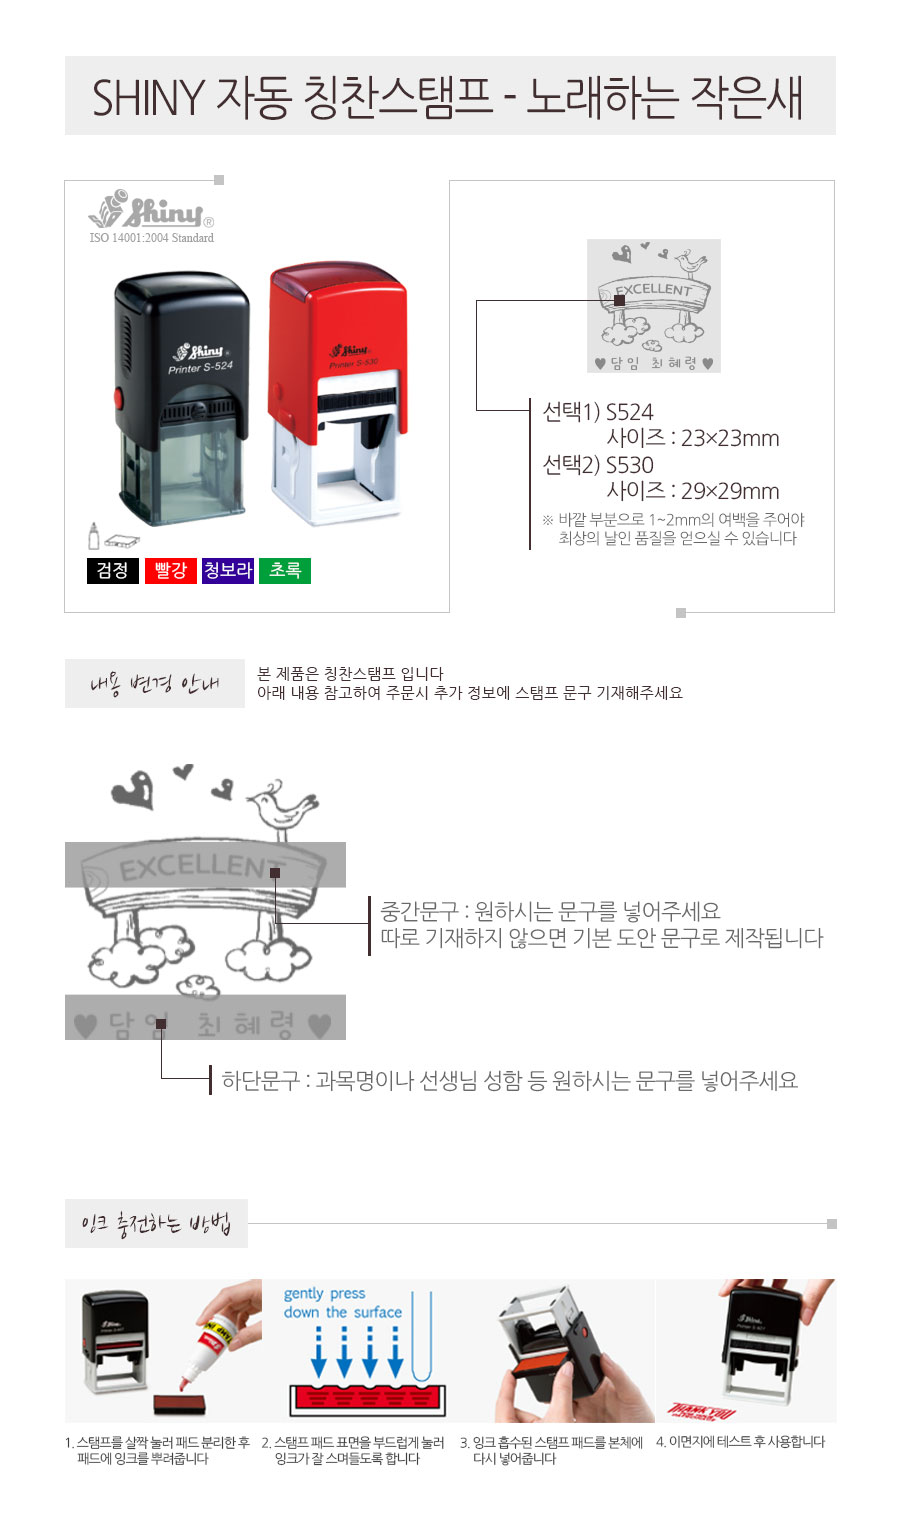 주문제작 칭찬스탬프 선생님스탬프 노래하는작은새 - 고무인닷컴, 16,500원, 스탬프, 주문제작스탬프